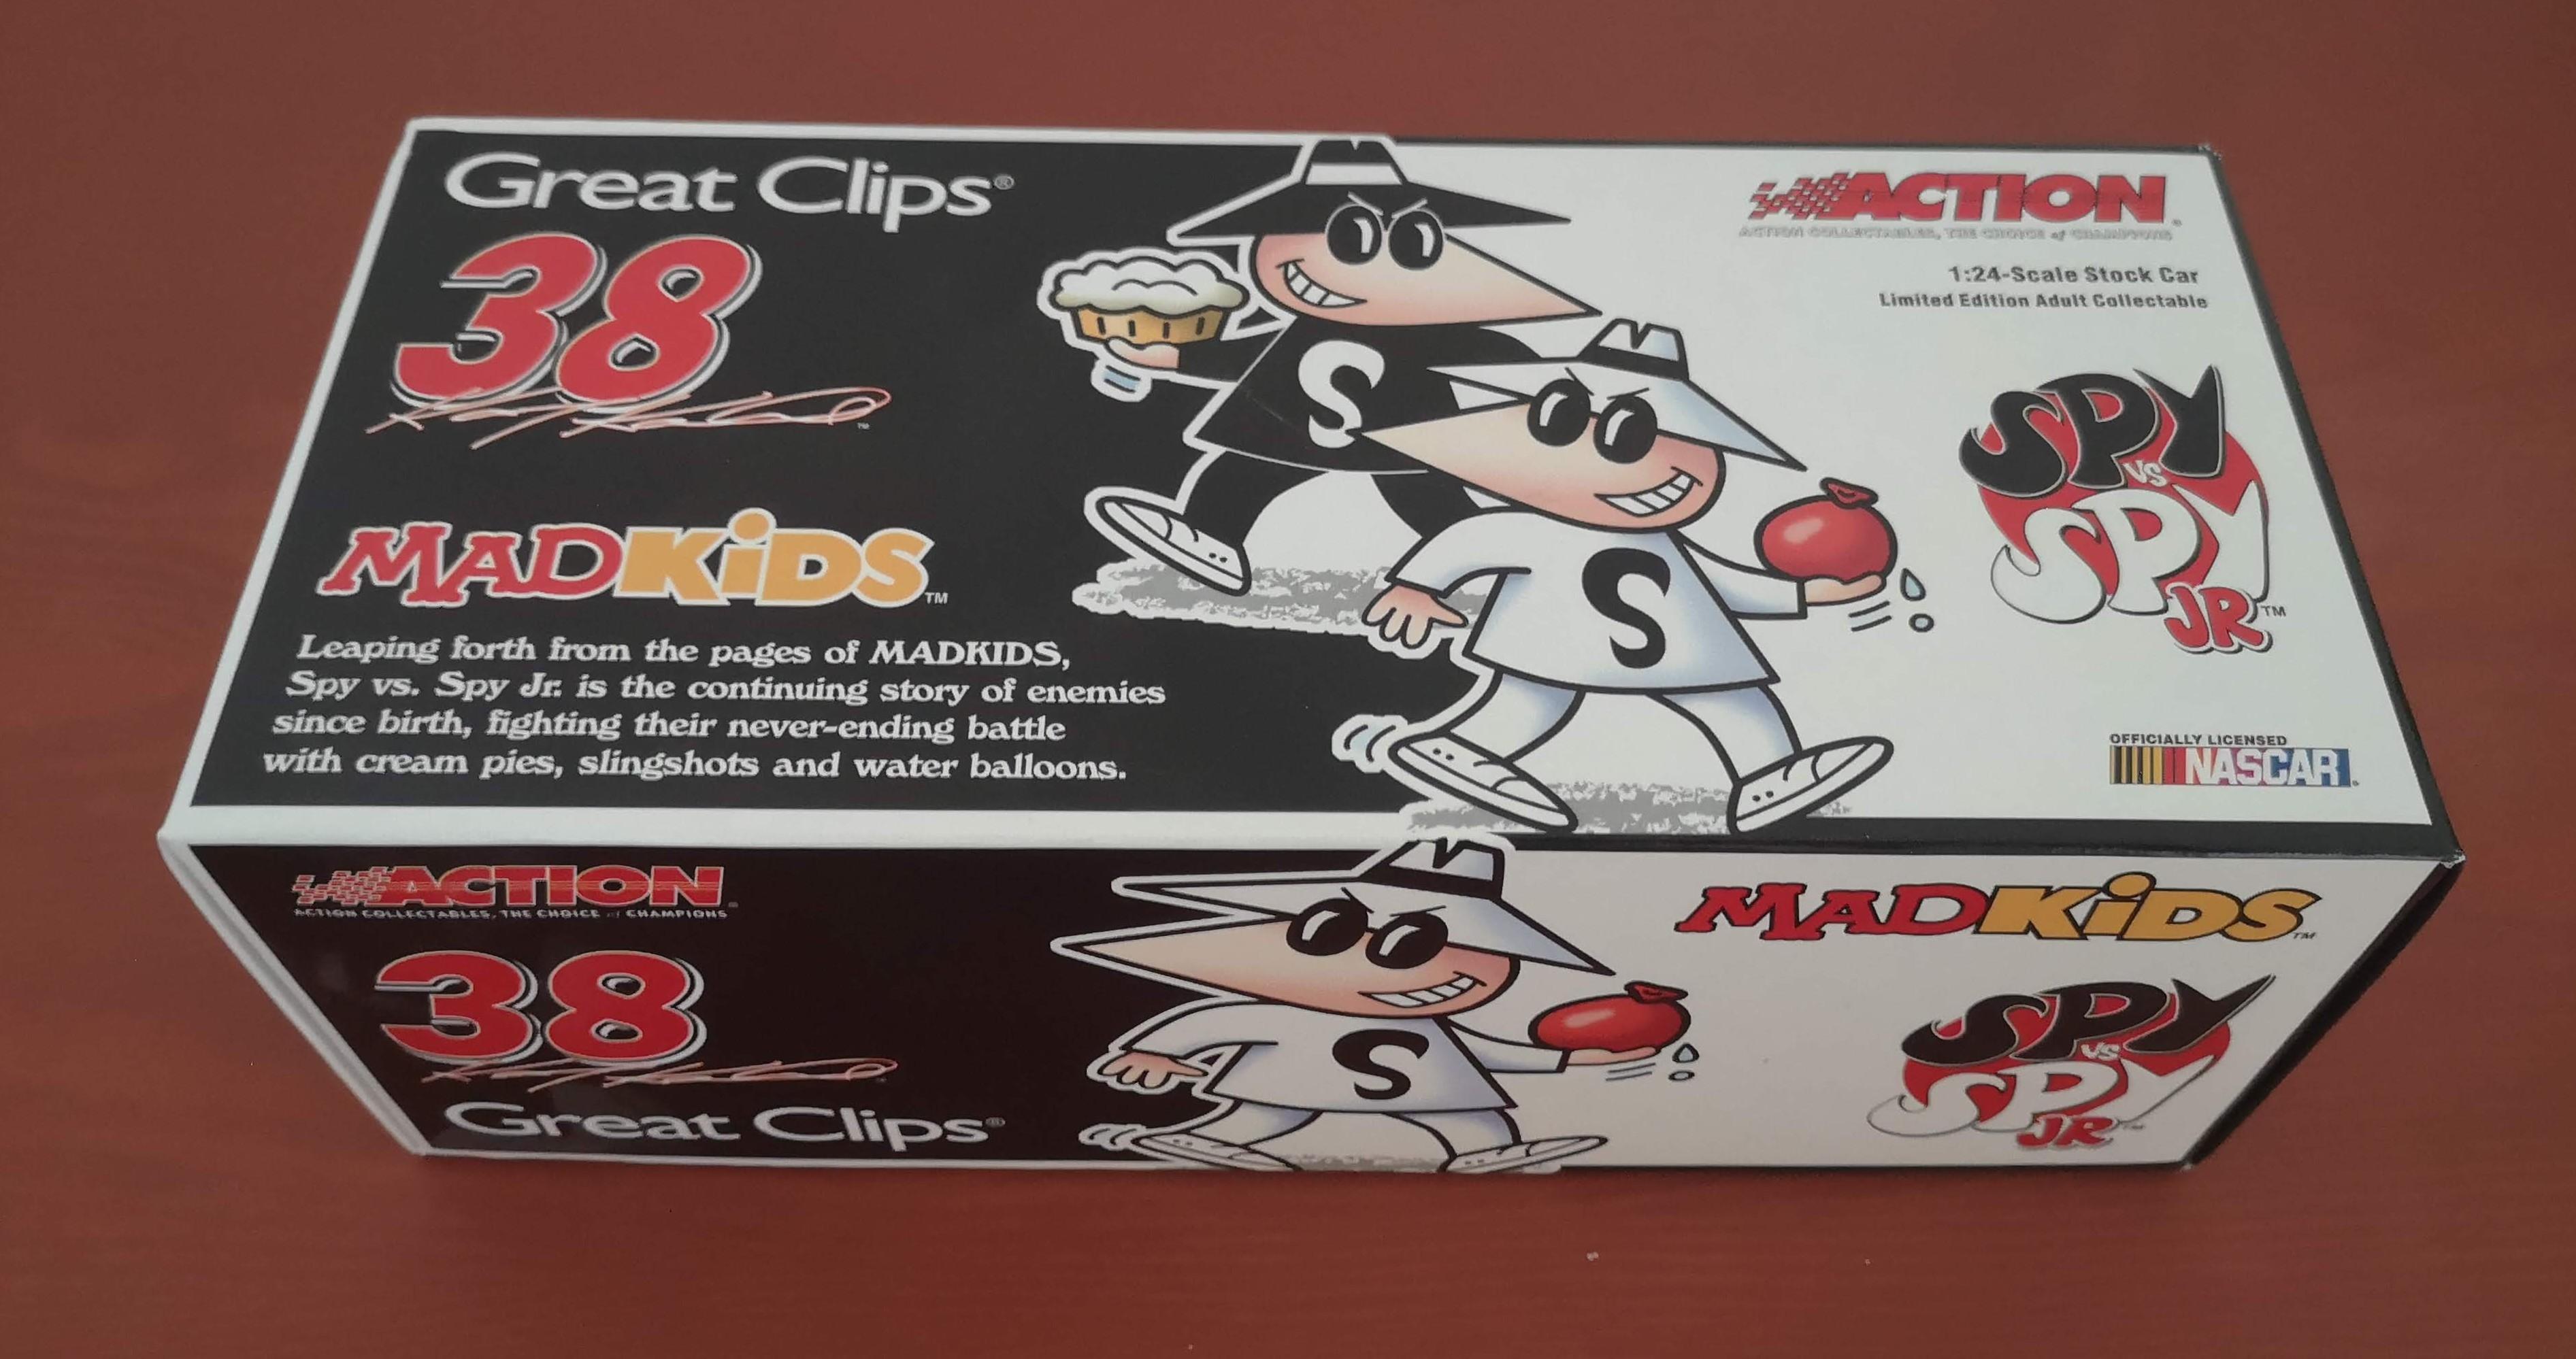 Kasey Kahne #38 Great Clips Spy Vs. Spy Jr Mad Kids 2005 Dodge Charger • USA